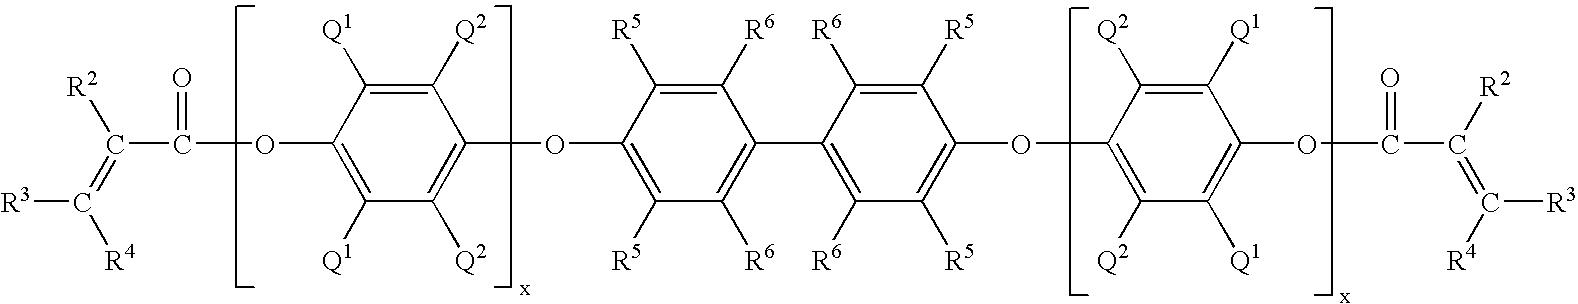 Figure US07329708-20080212-C00004